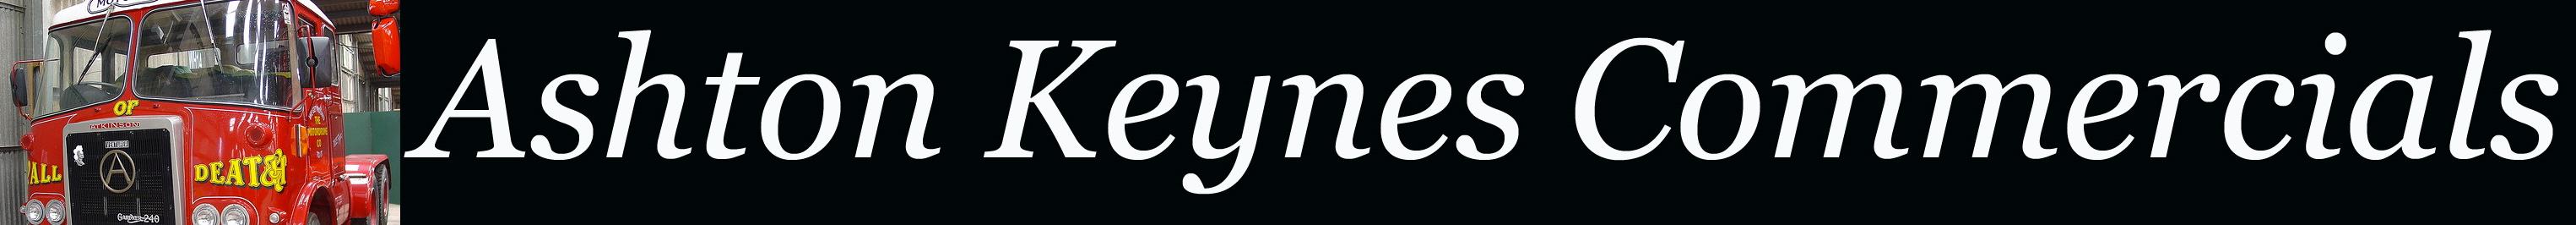 Ashton keynes commercials